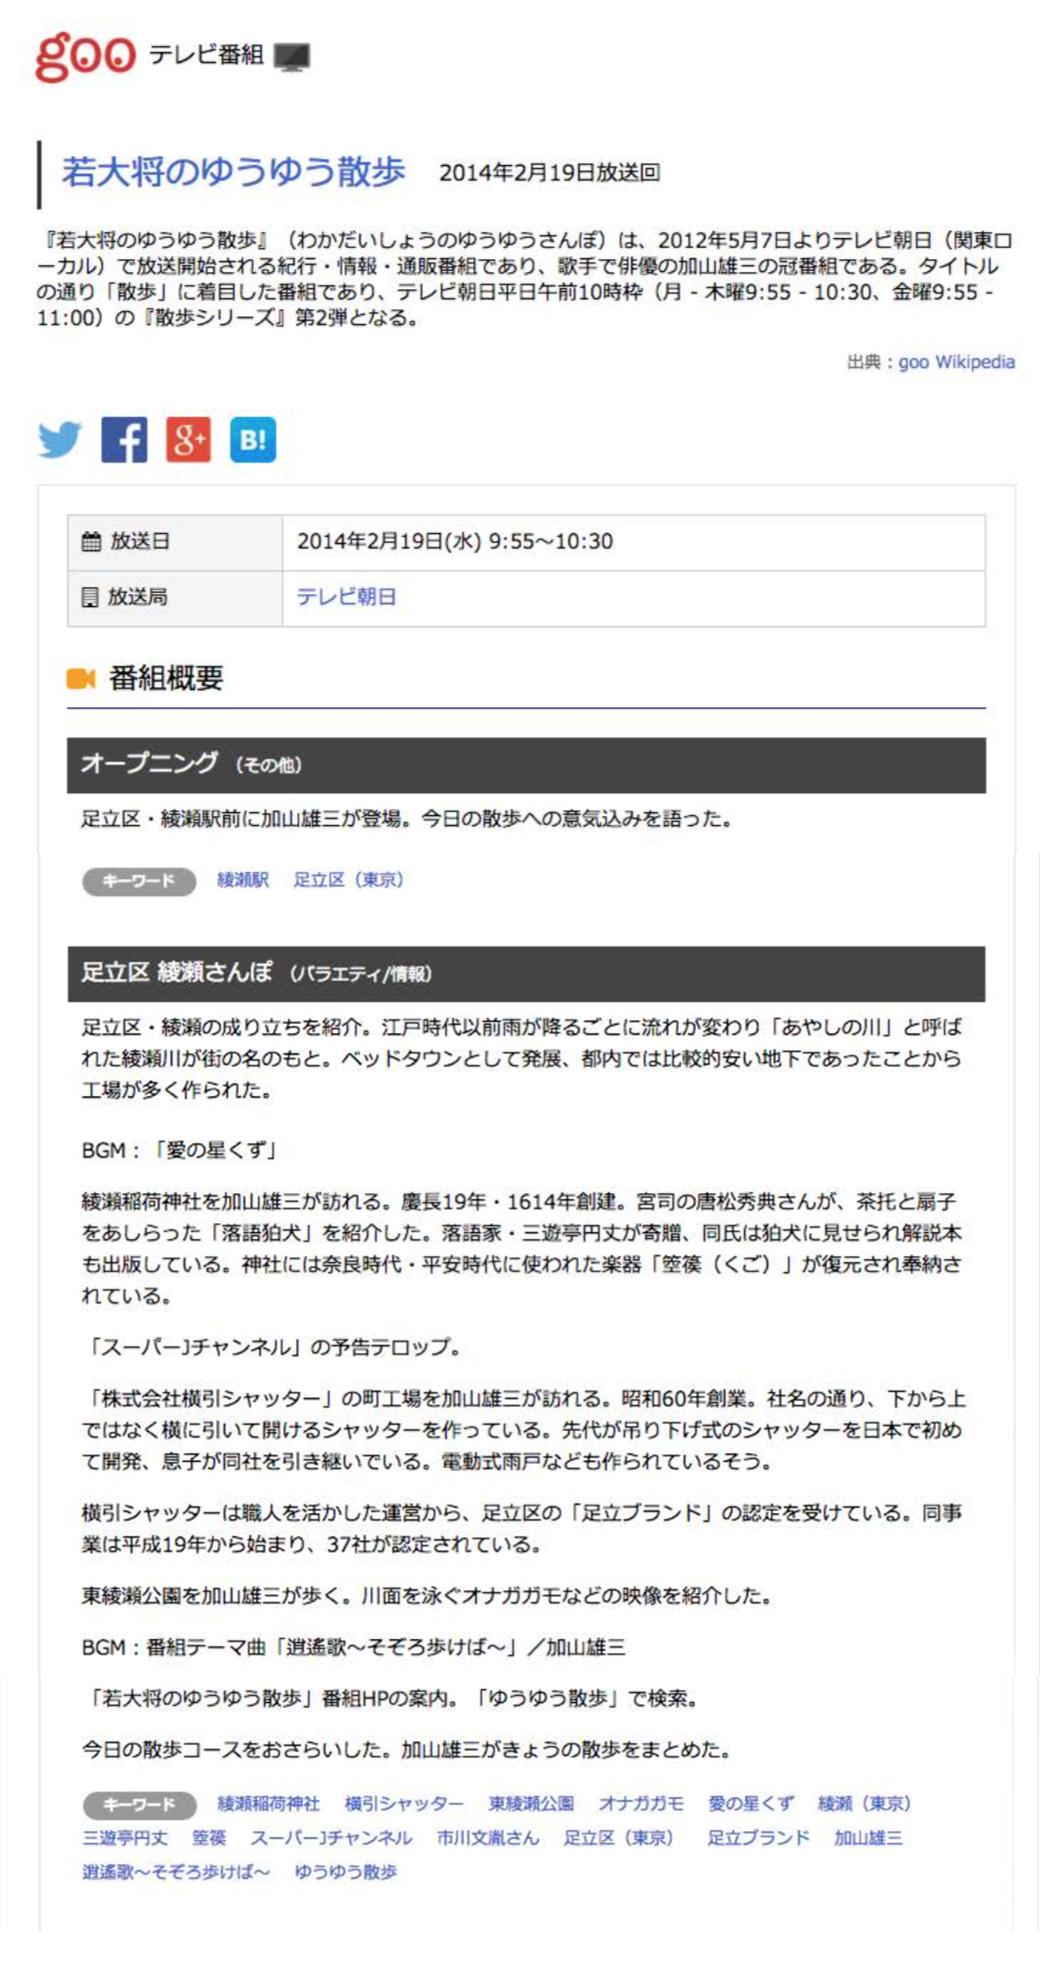 2014年2月19日gooテレビ番組